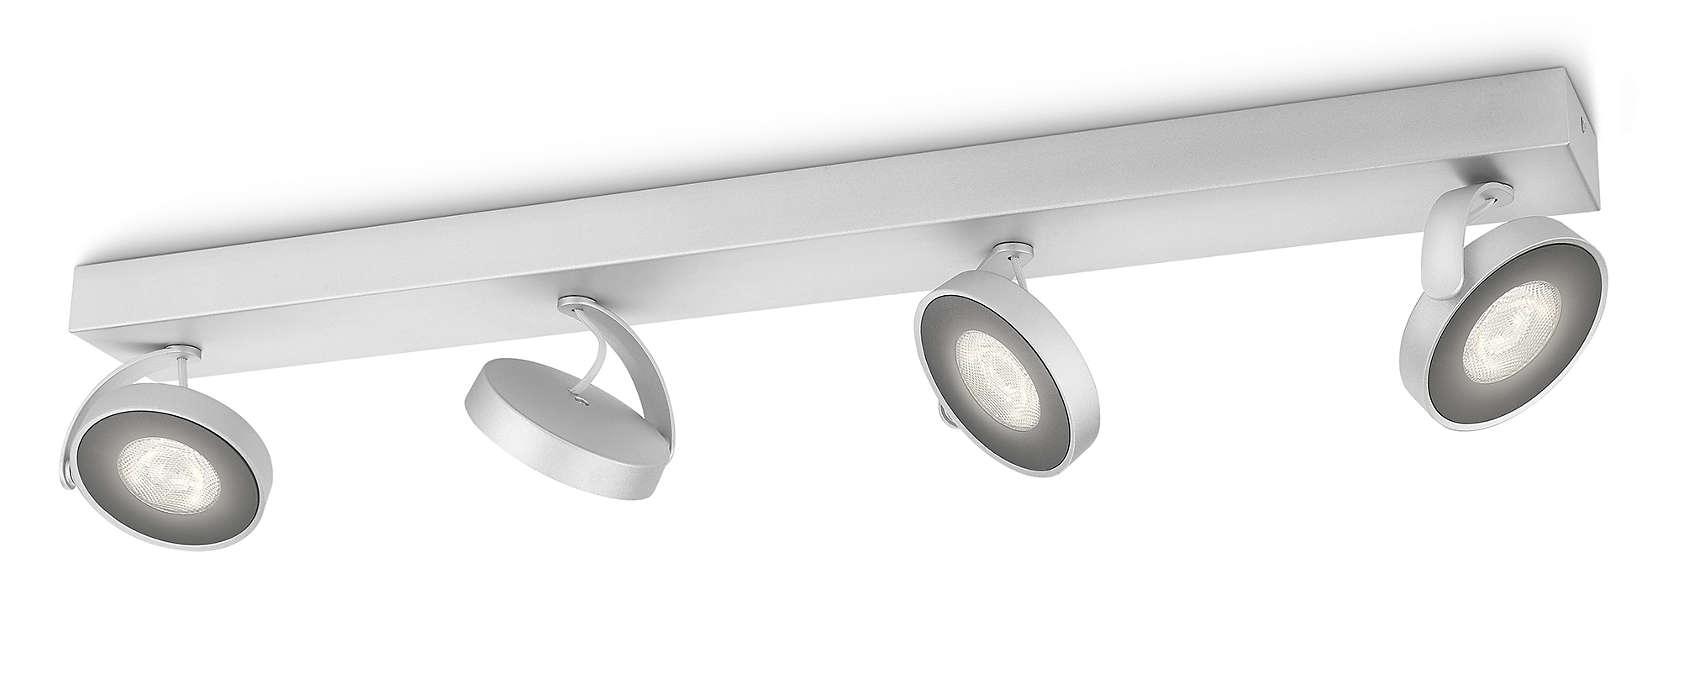 Dimmable Led Clockwork Quadruple Spot Light 531744816 Philips